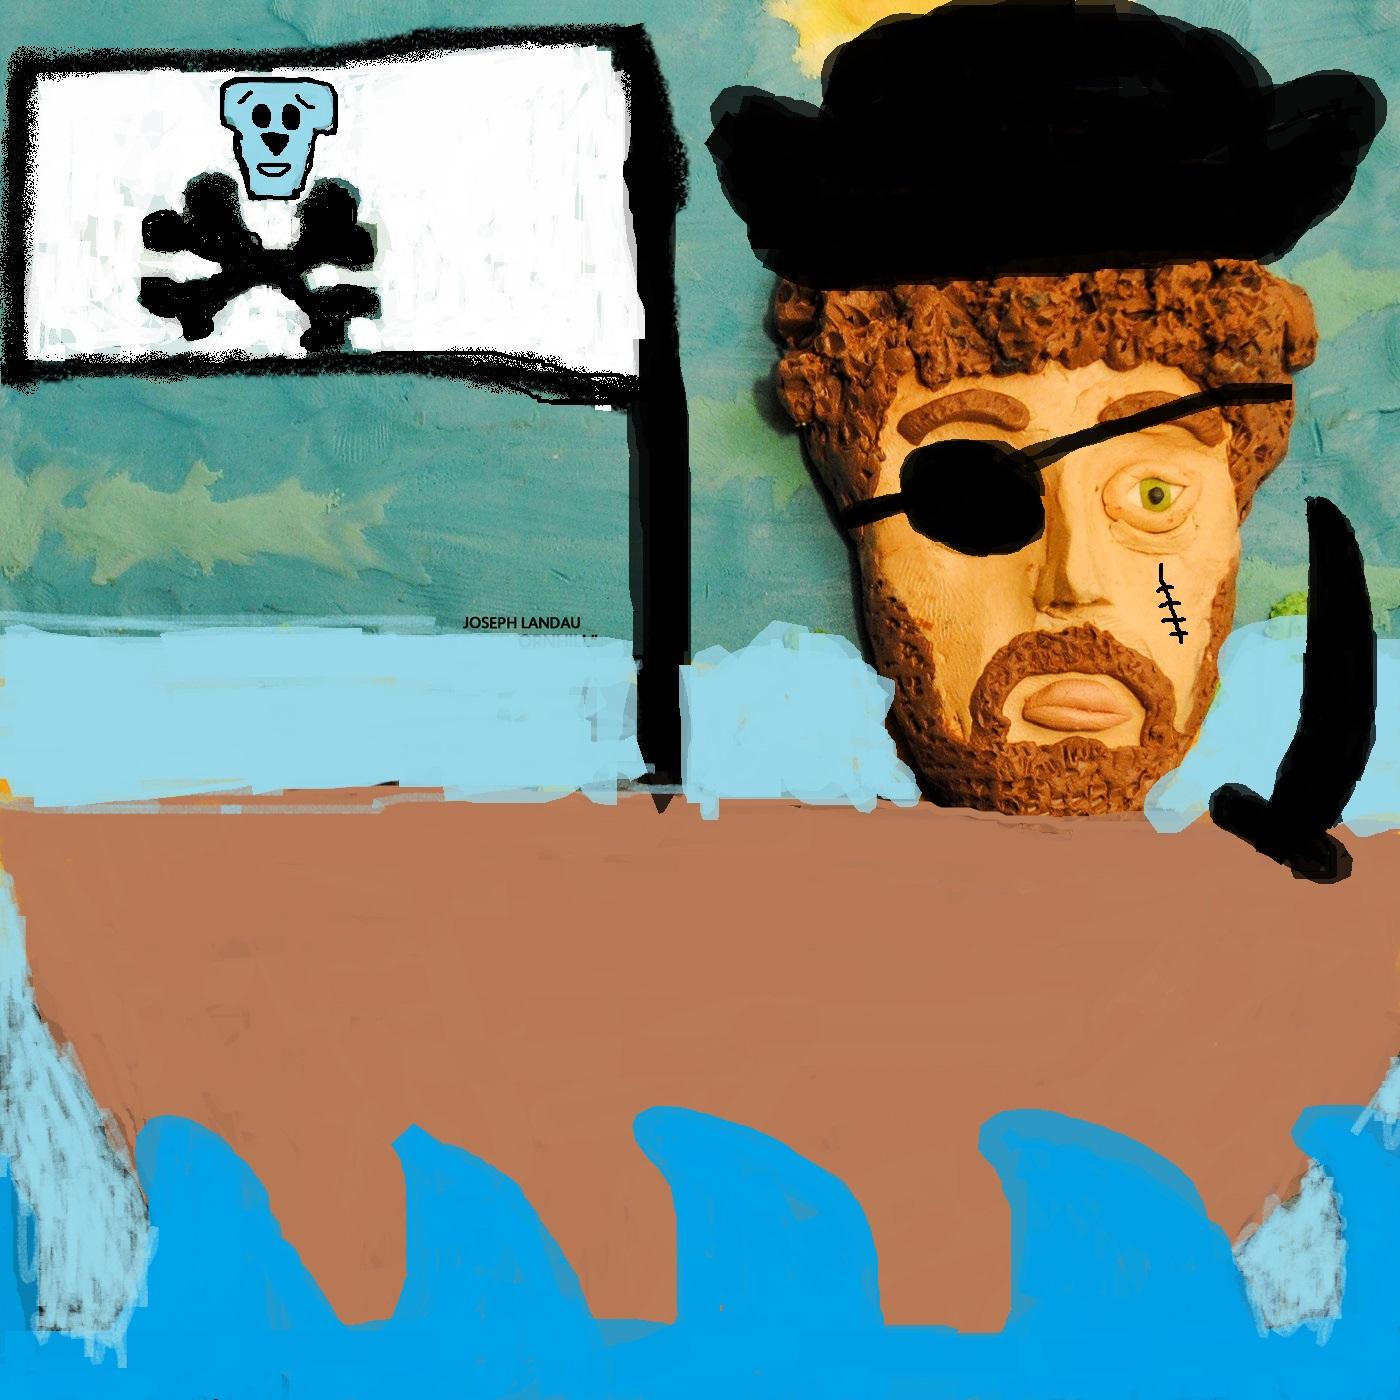 Pirate Joe.jpg